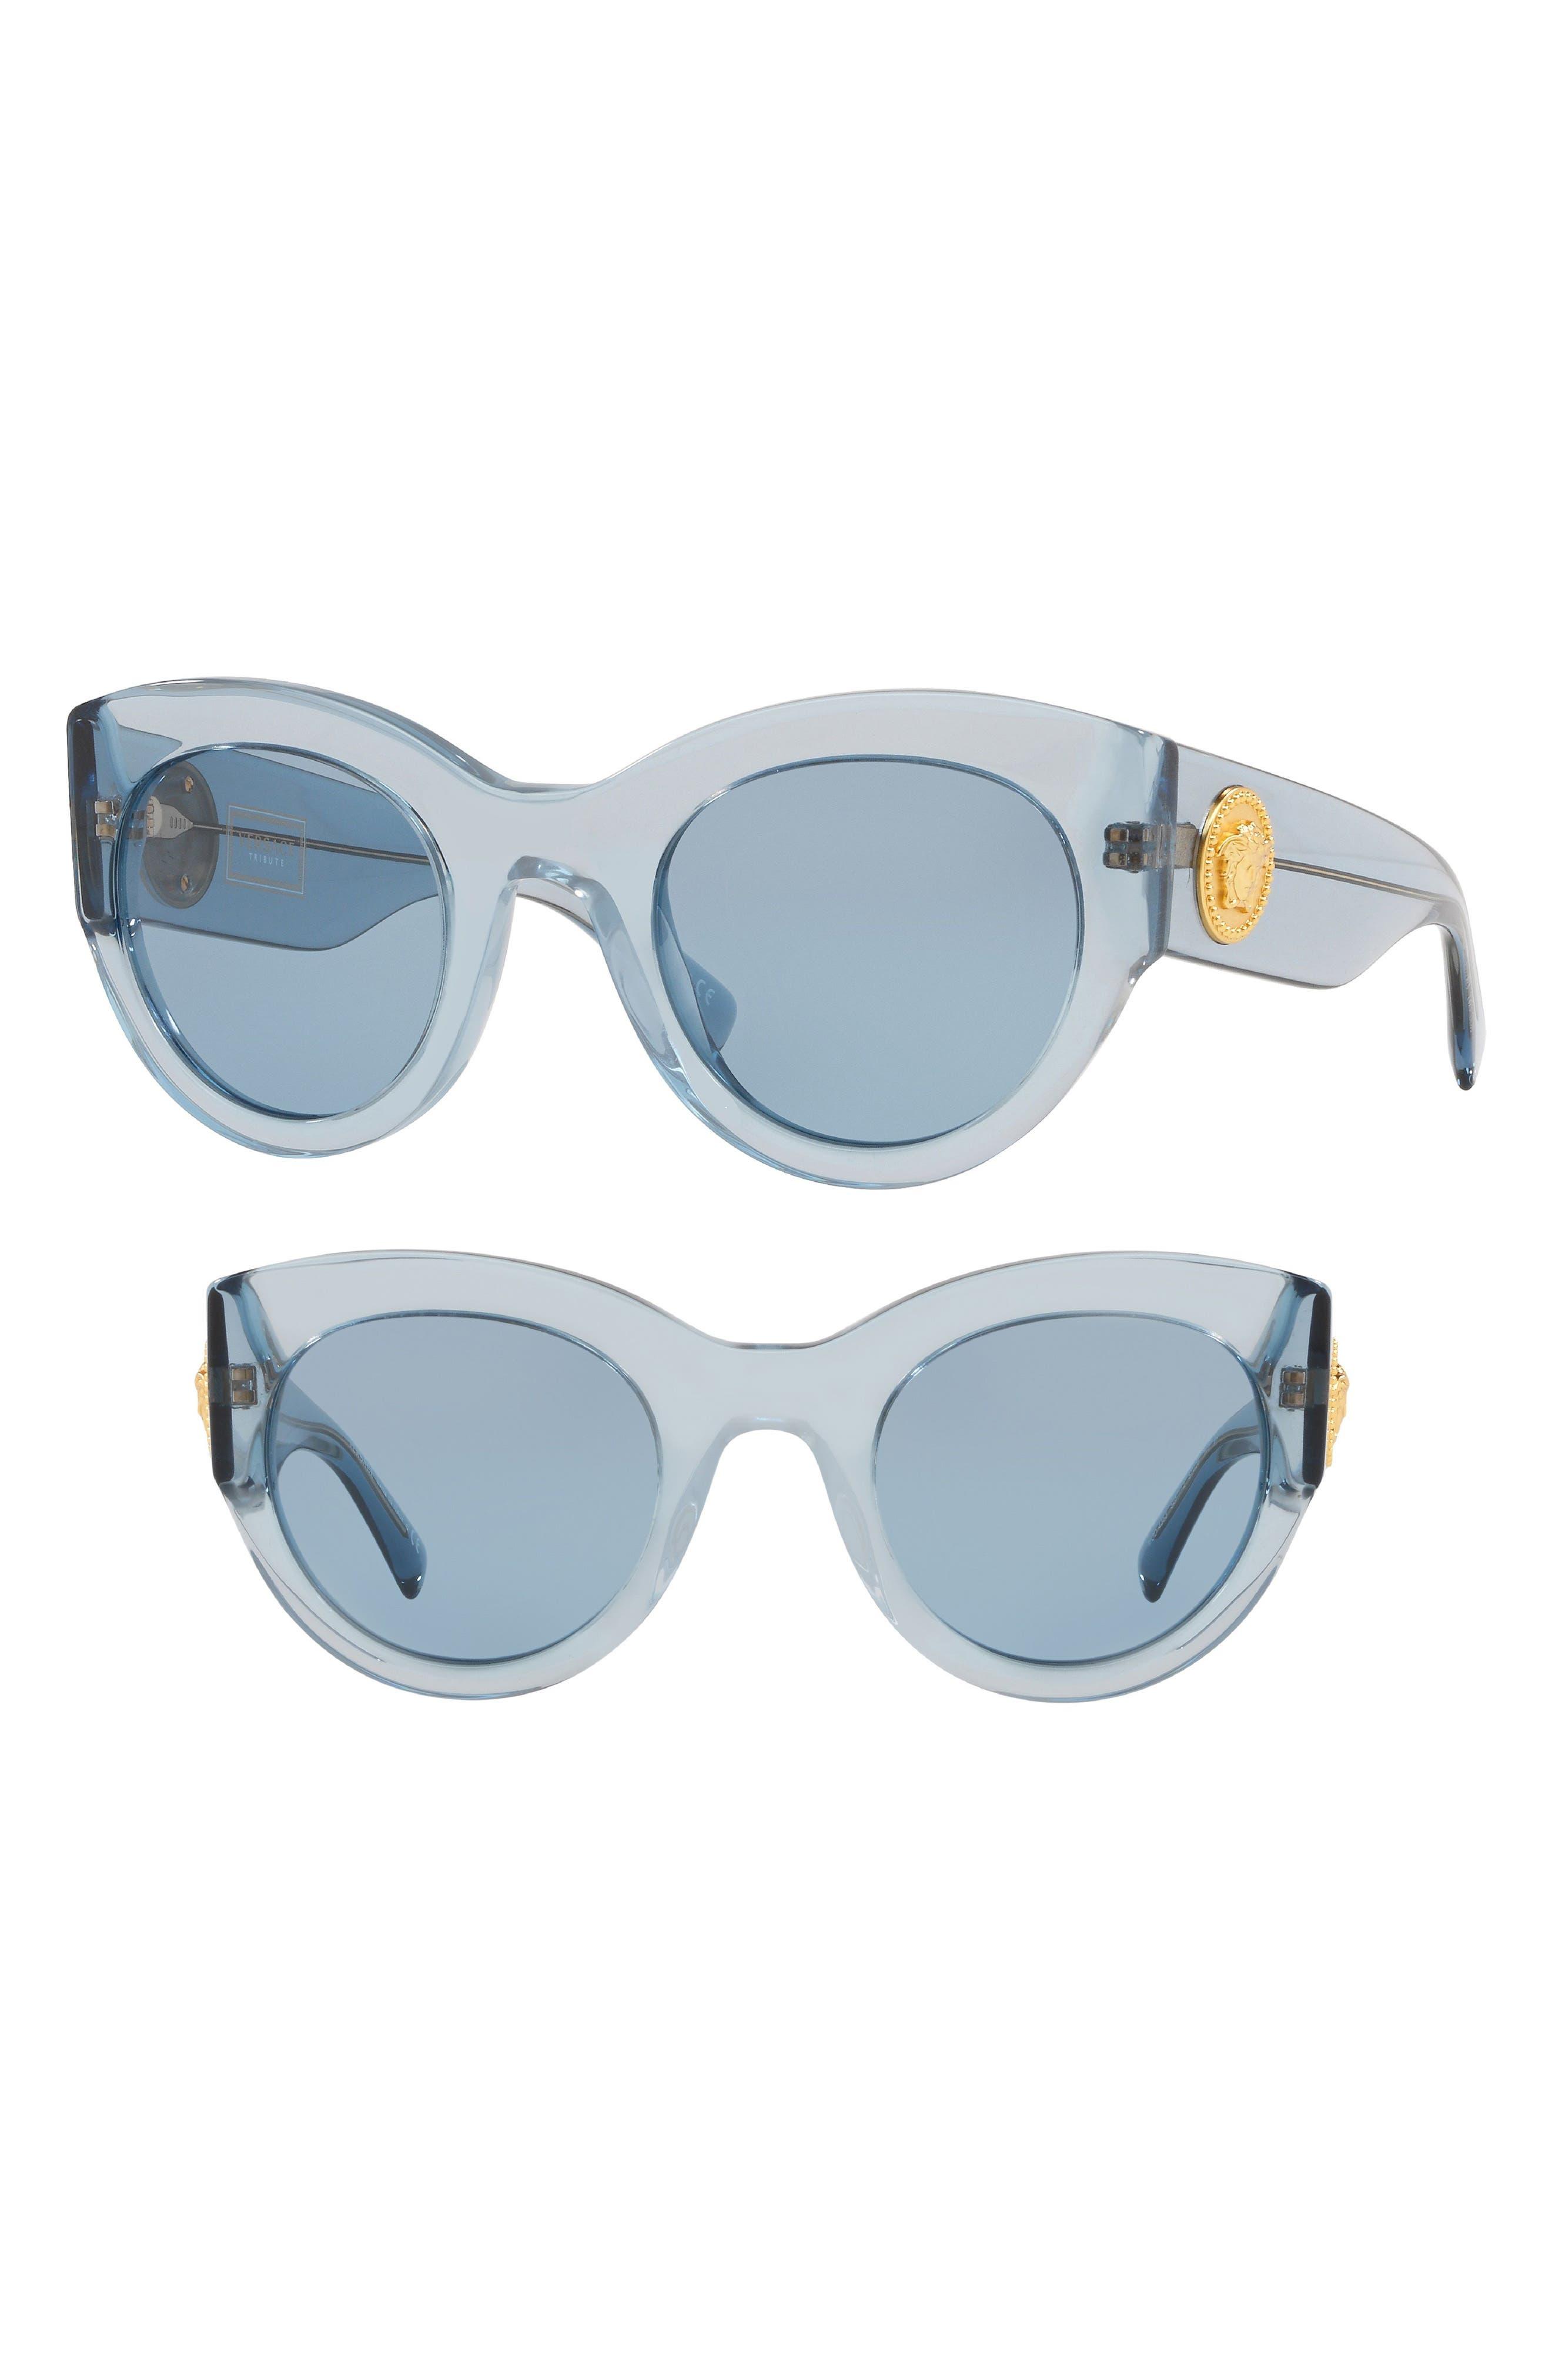 Versace Tribute 51mm Cat Eye Sunglasses